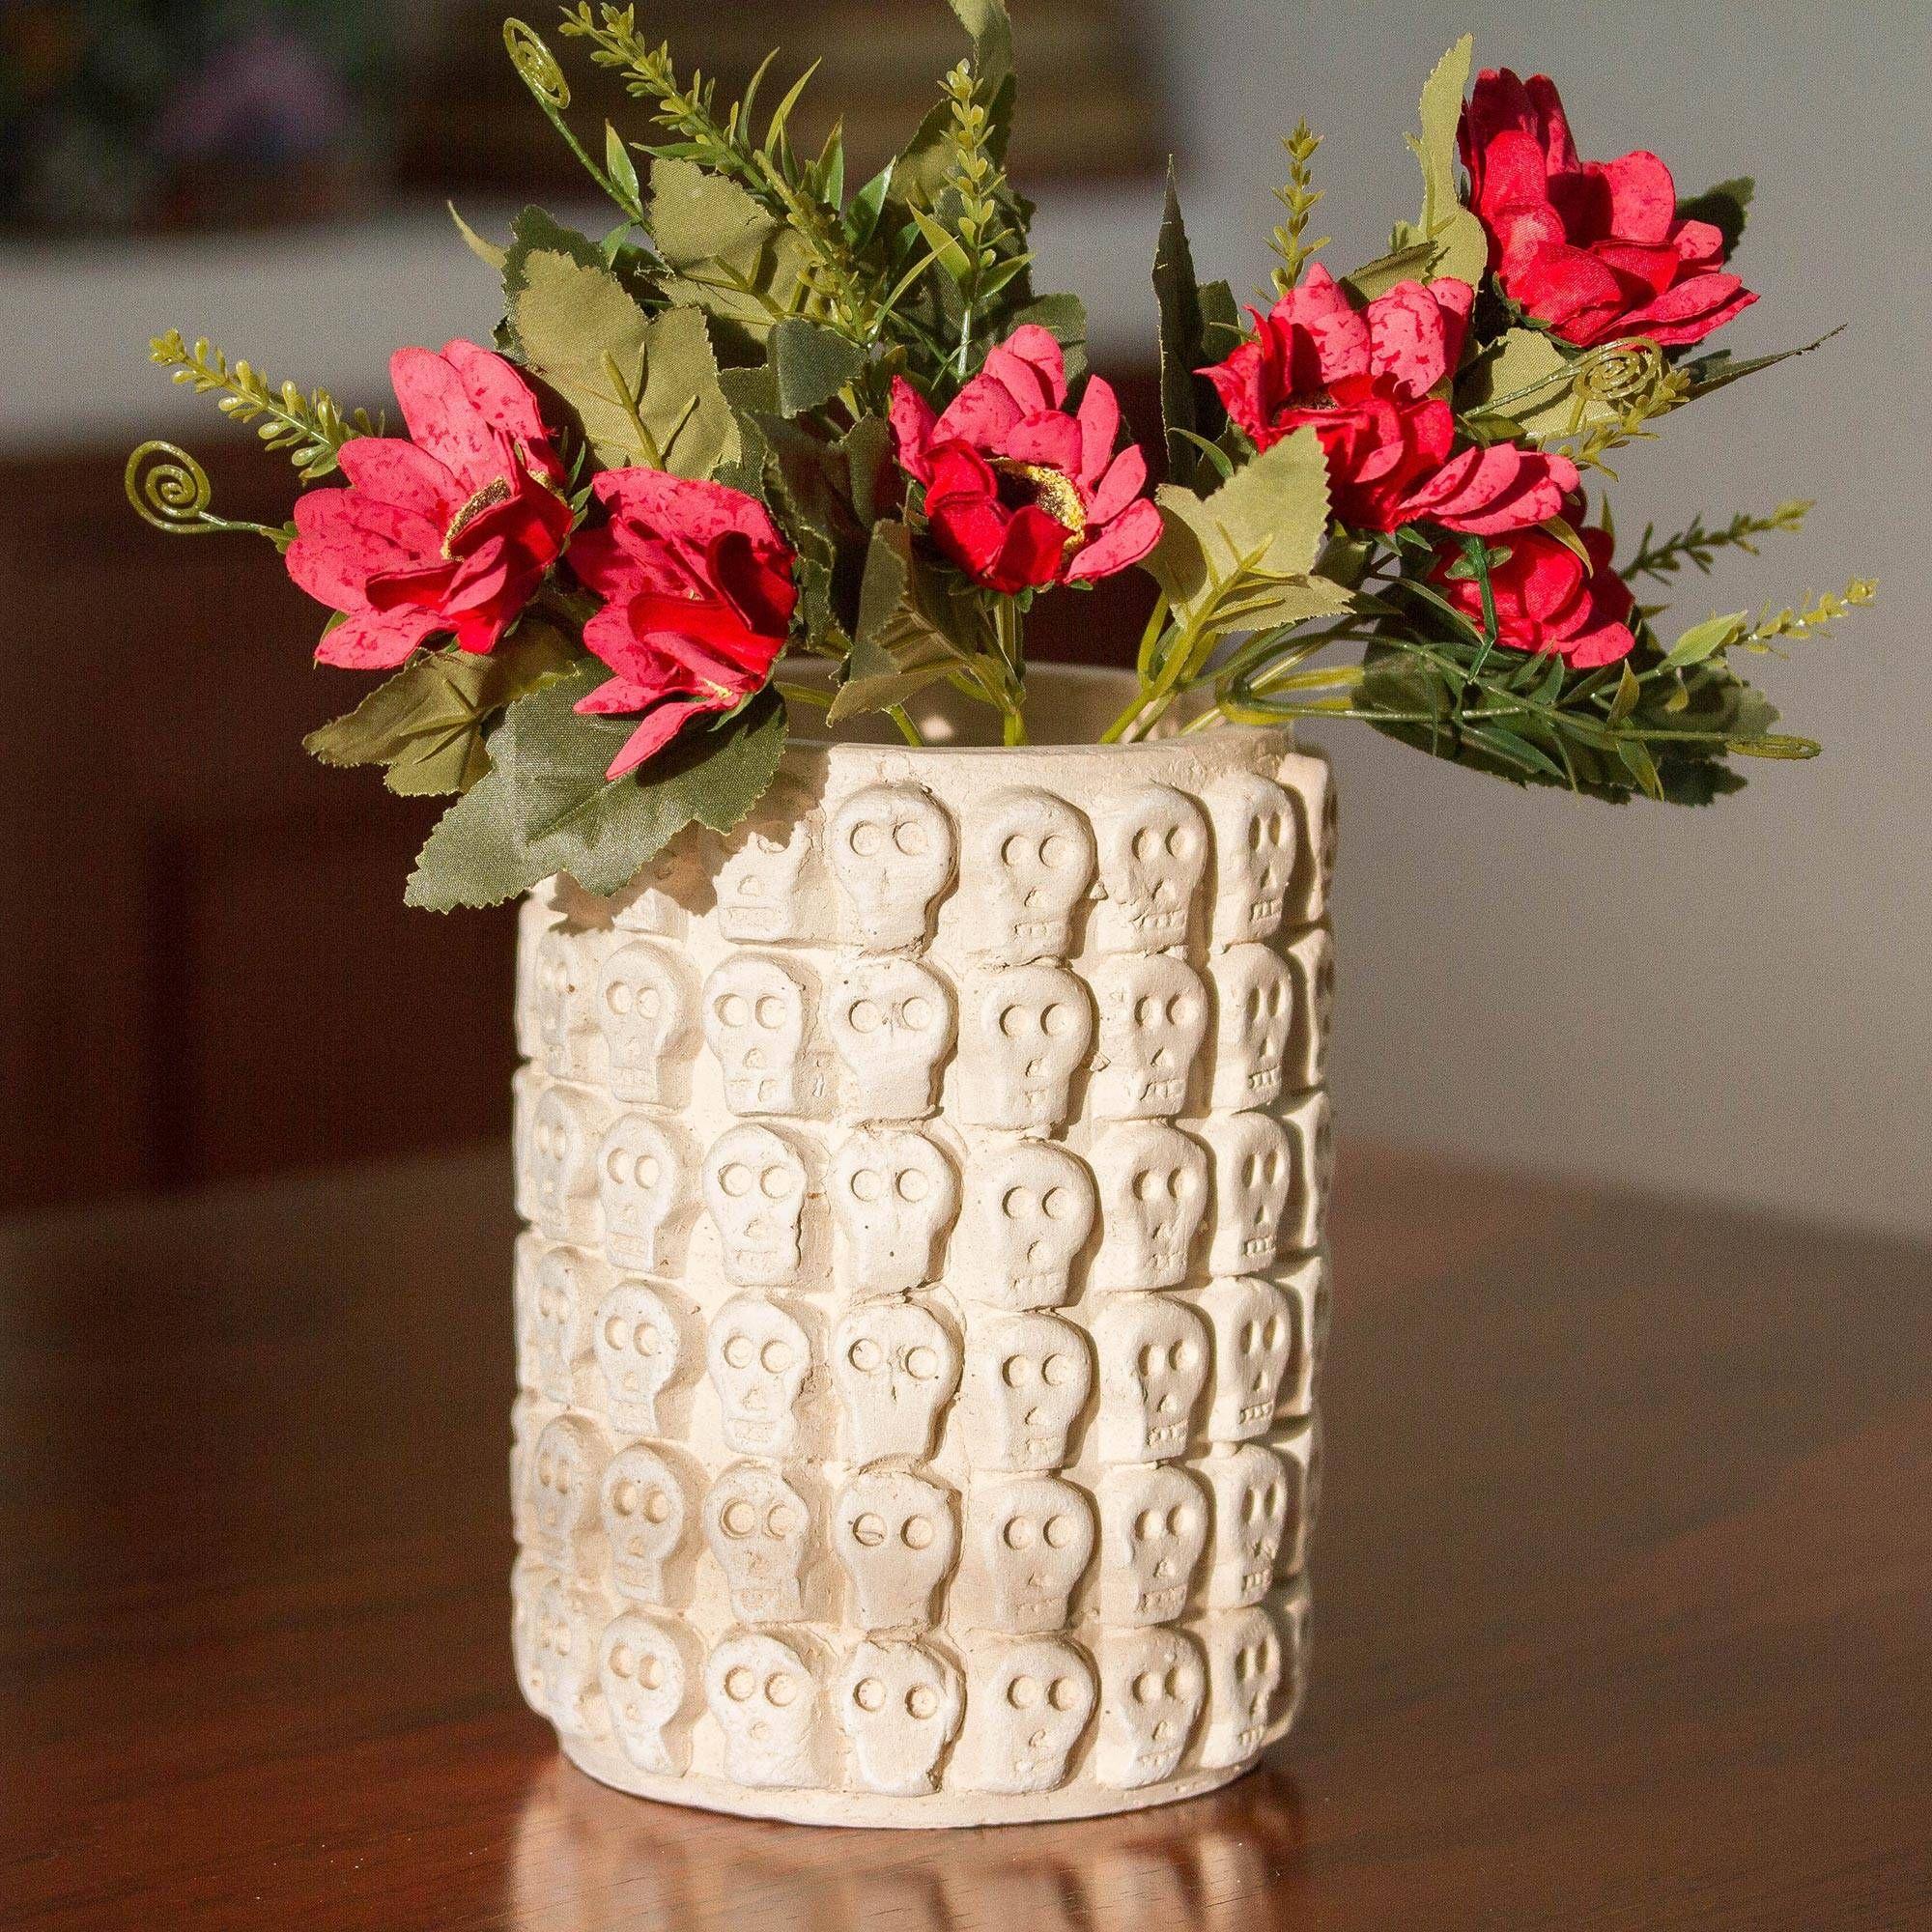 Ceramic flower pot, 'Rows of Skulls'